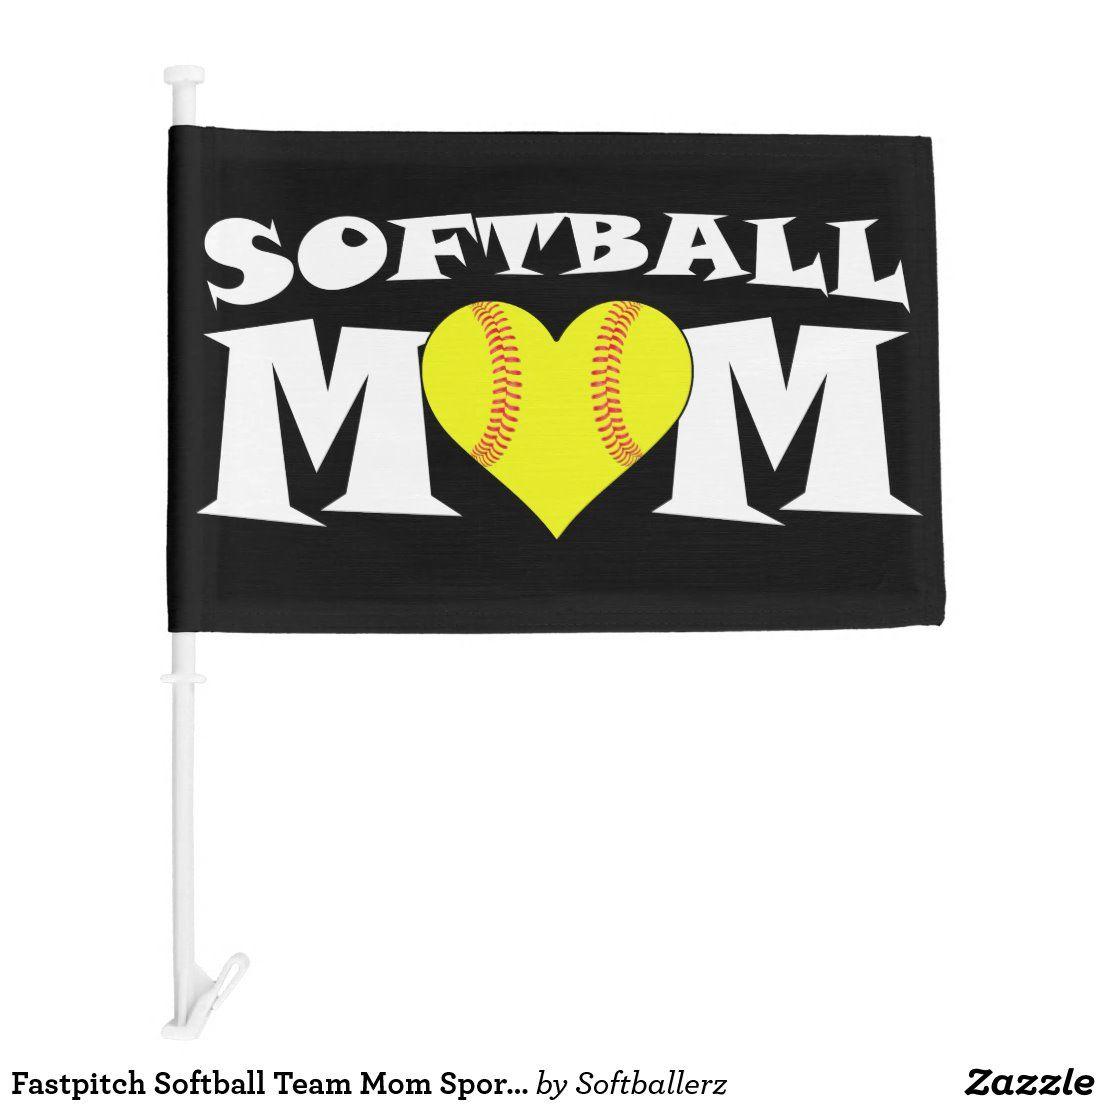 Fastpitch Softball Team Mom Sports Car Flag